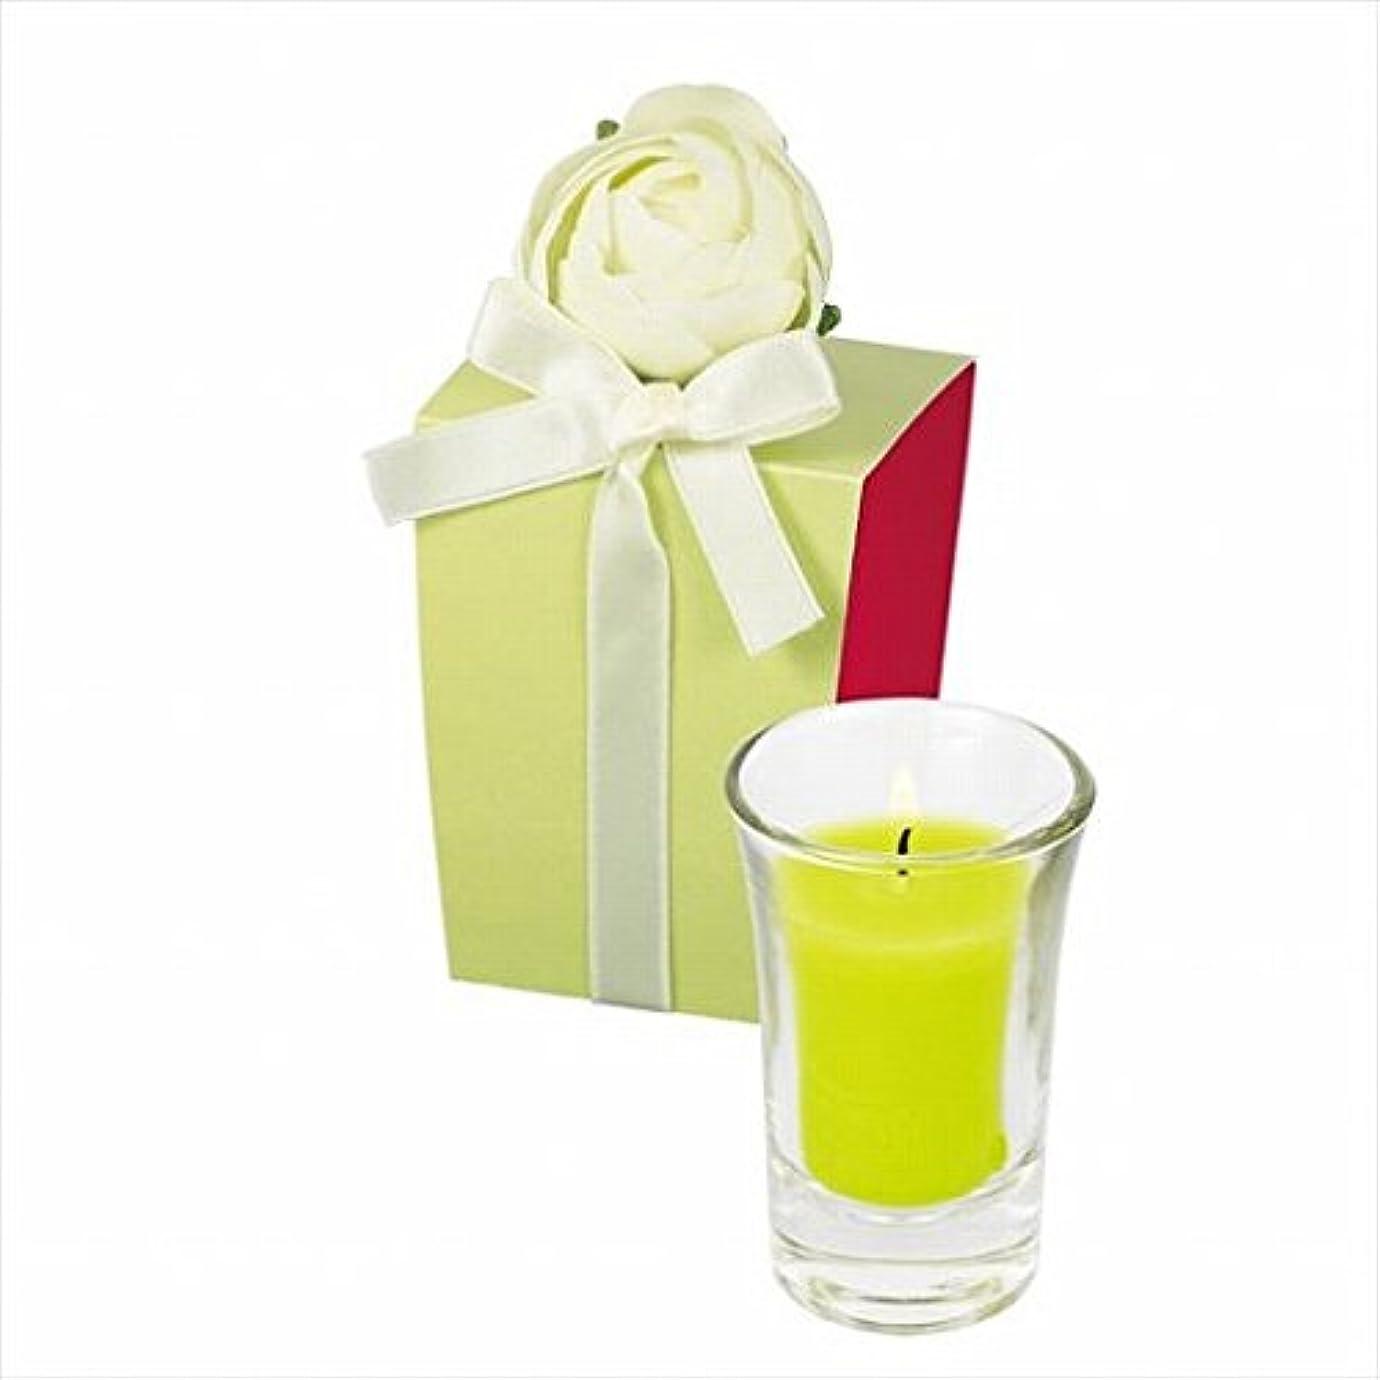 トレード消防士恵みカメヤマキャンドル(kameyama candle) ラナンキュラスグラスキャンドル 「 ライトグリーン 」